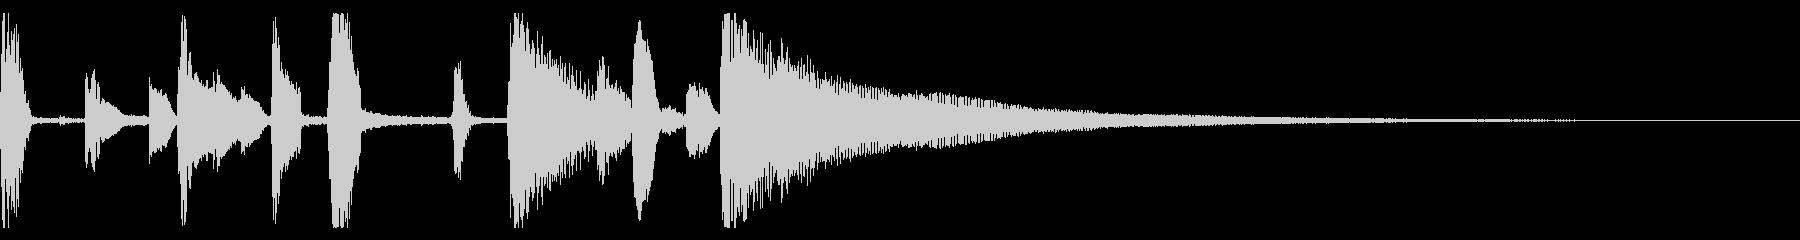 おしゃれなジャズ ピアノ ジングル 01の未再生の波形